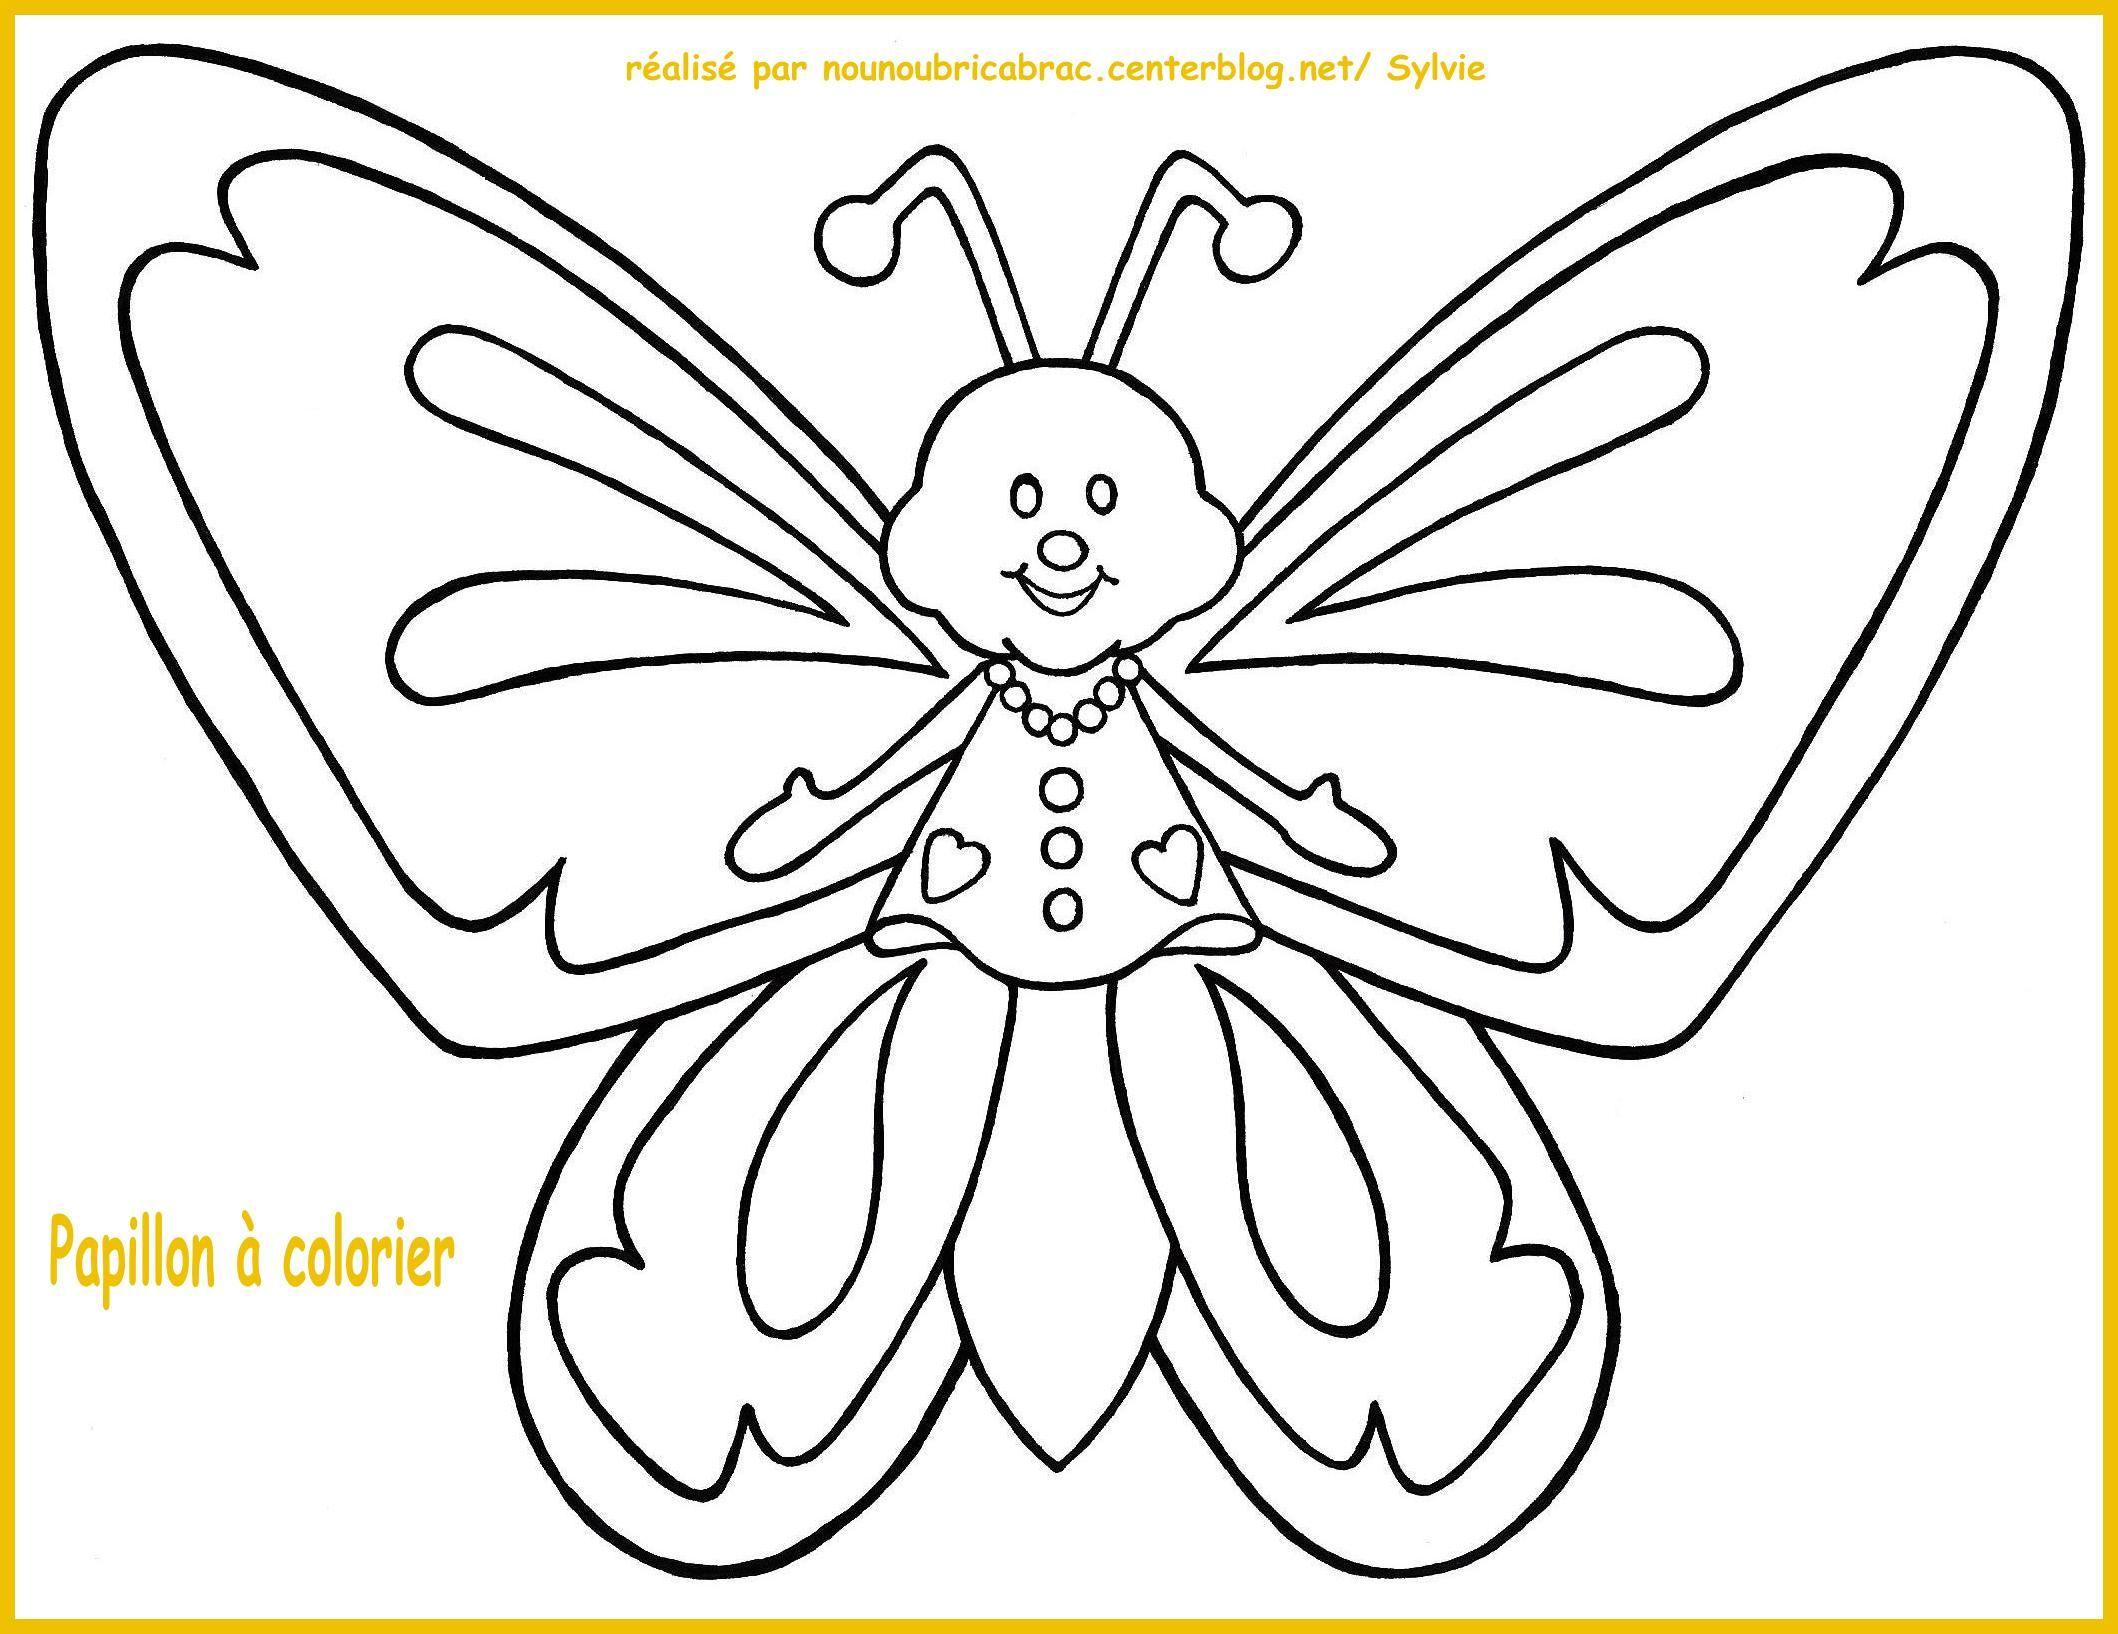 Inspirant Dessin à Colorier à Imprimer Papillon